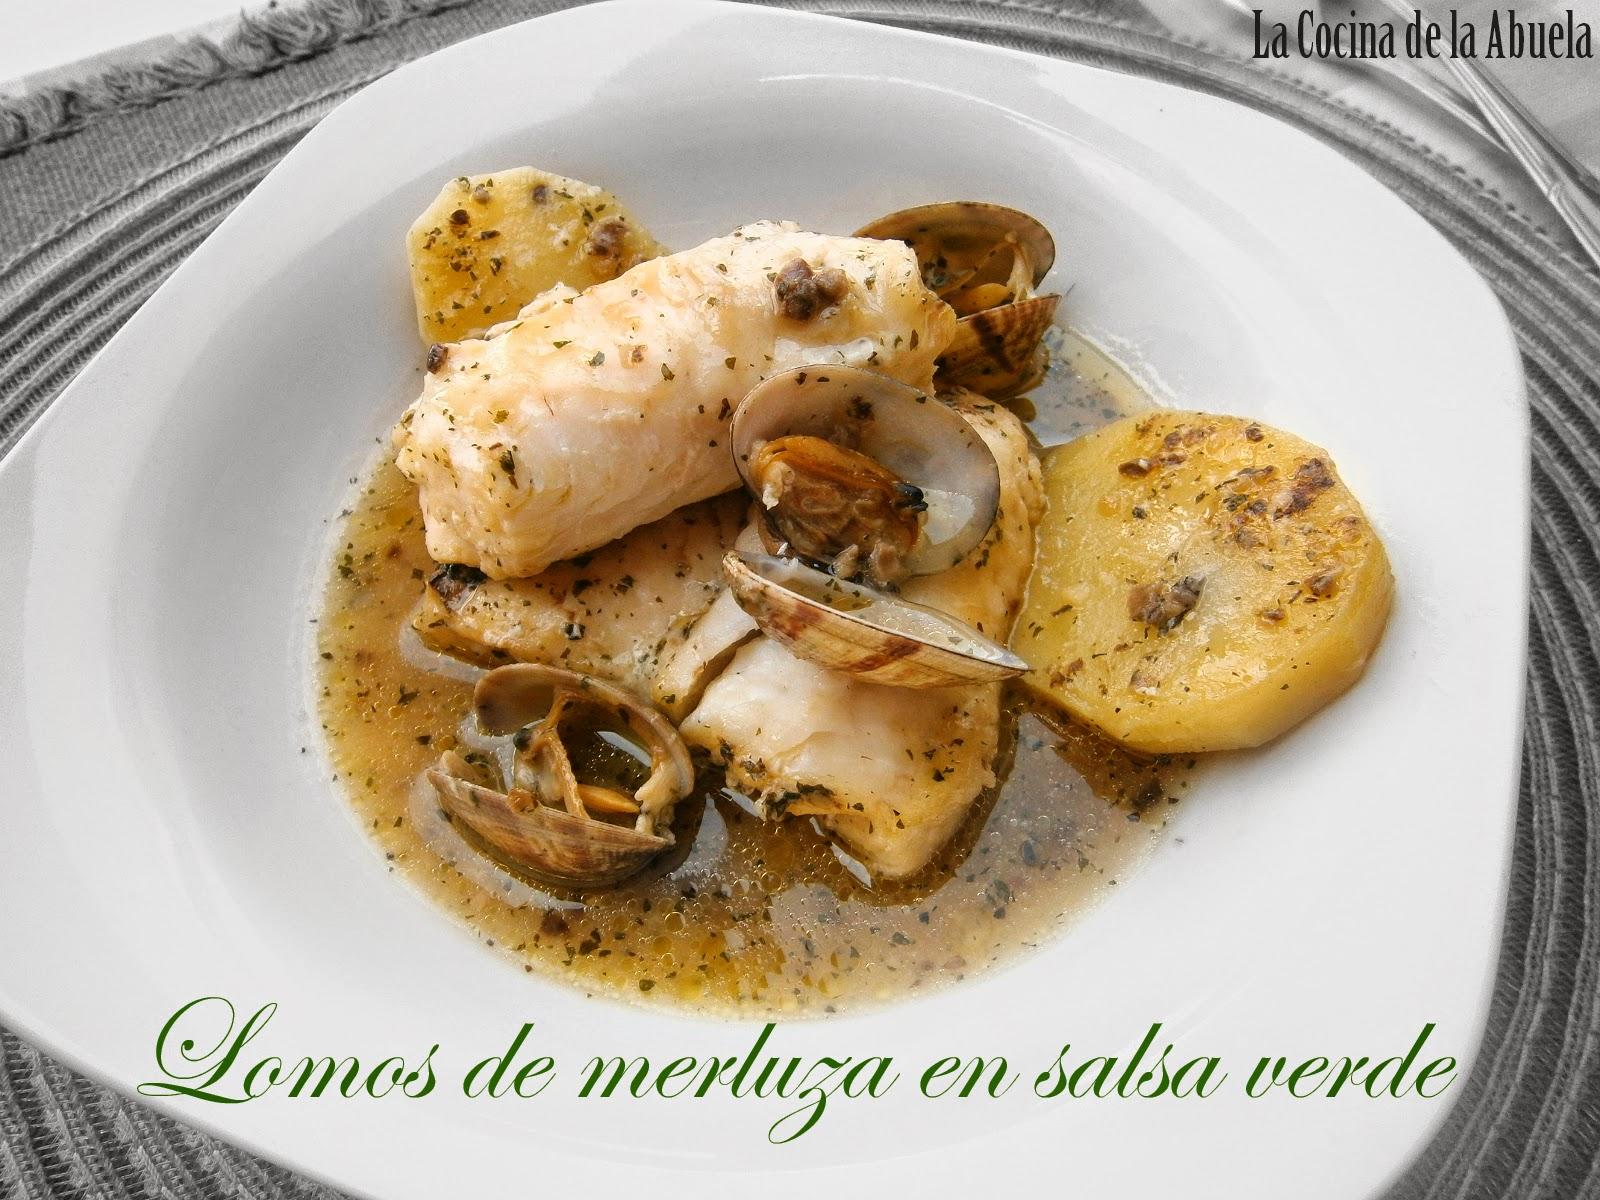 Lomos de merluza en salsa verde